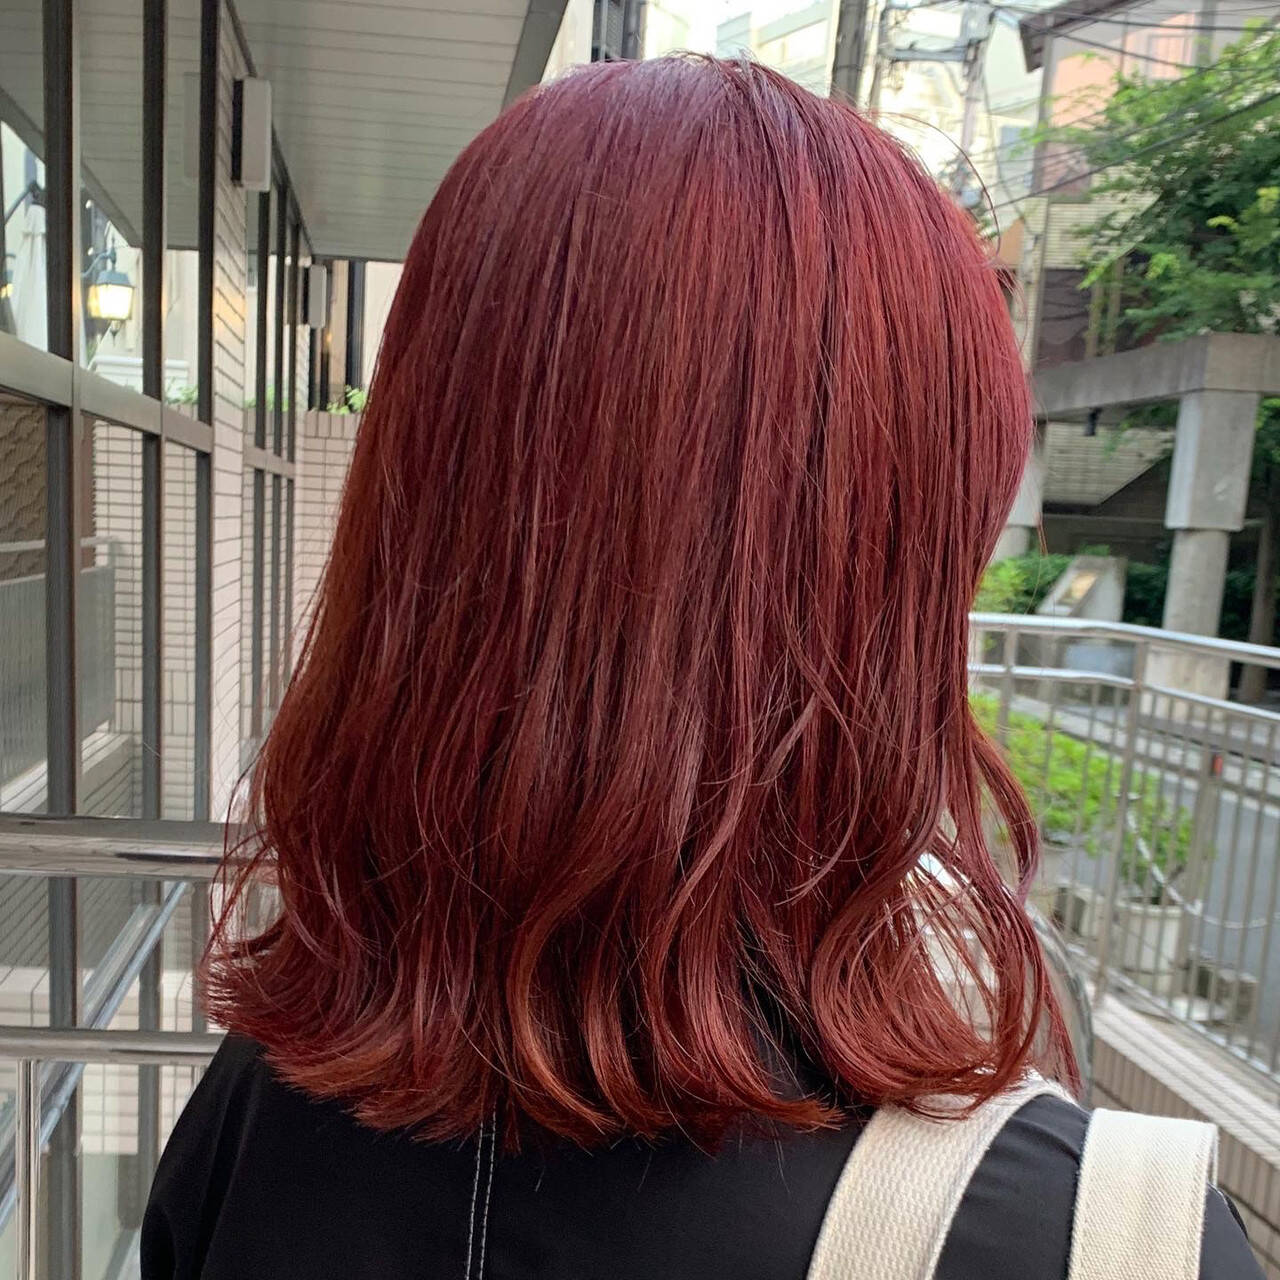 ナチュラル カシスレッド レッドブラウン レッドヘアスタイルや髪型の写真・画像